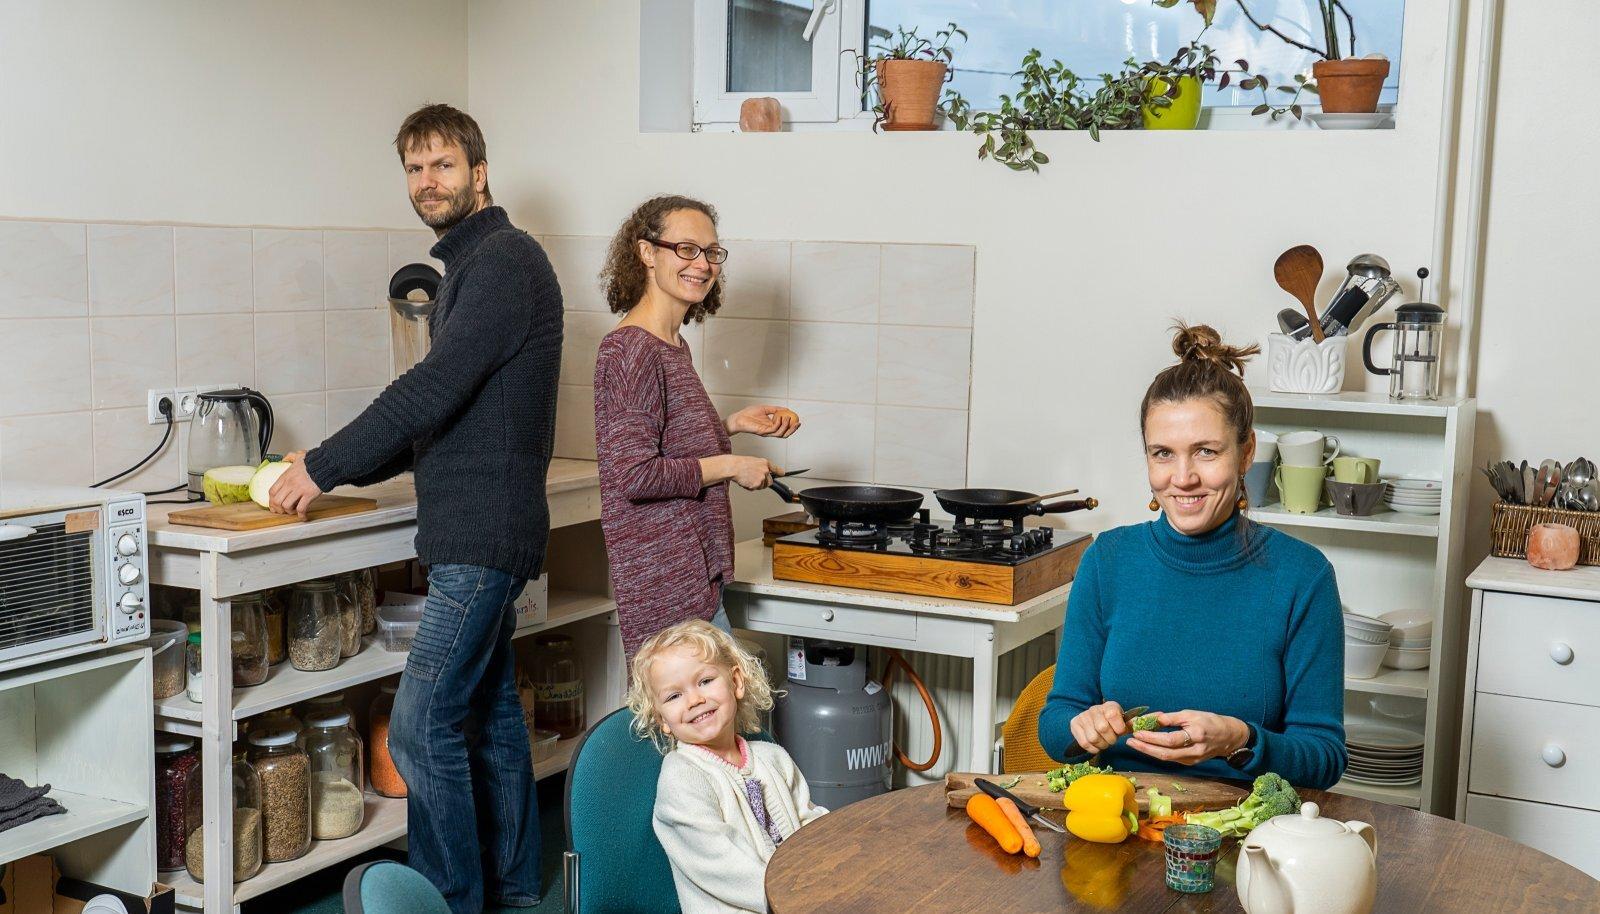 Süüa tehakse Mõisamaal ühisköögis. Ka toidutegemine liidab inimesi.